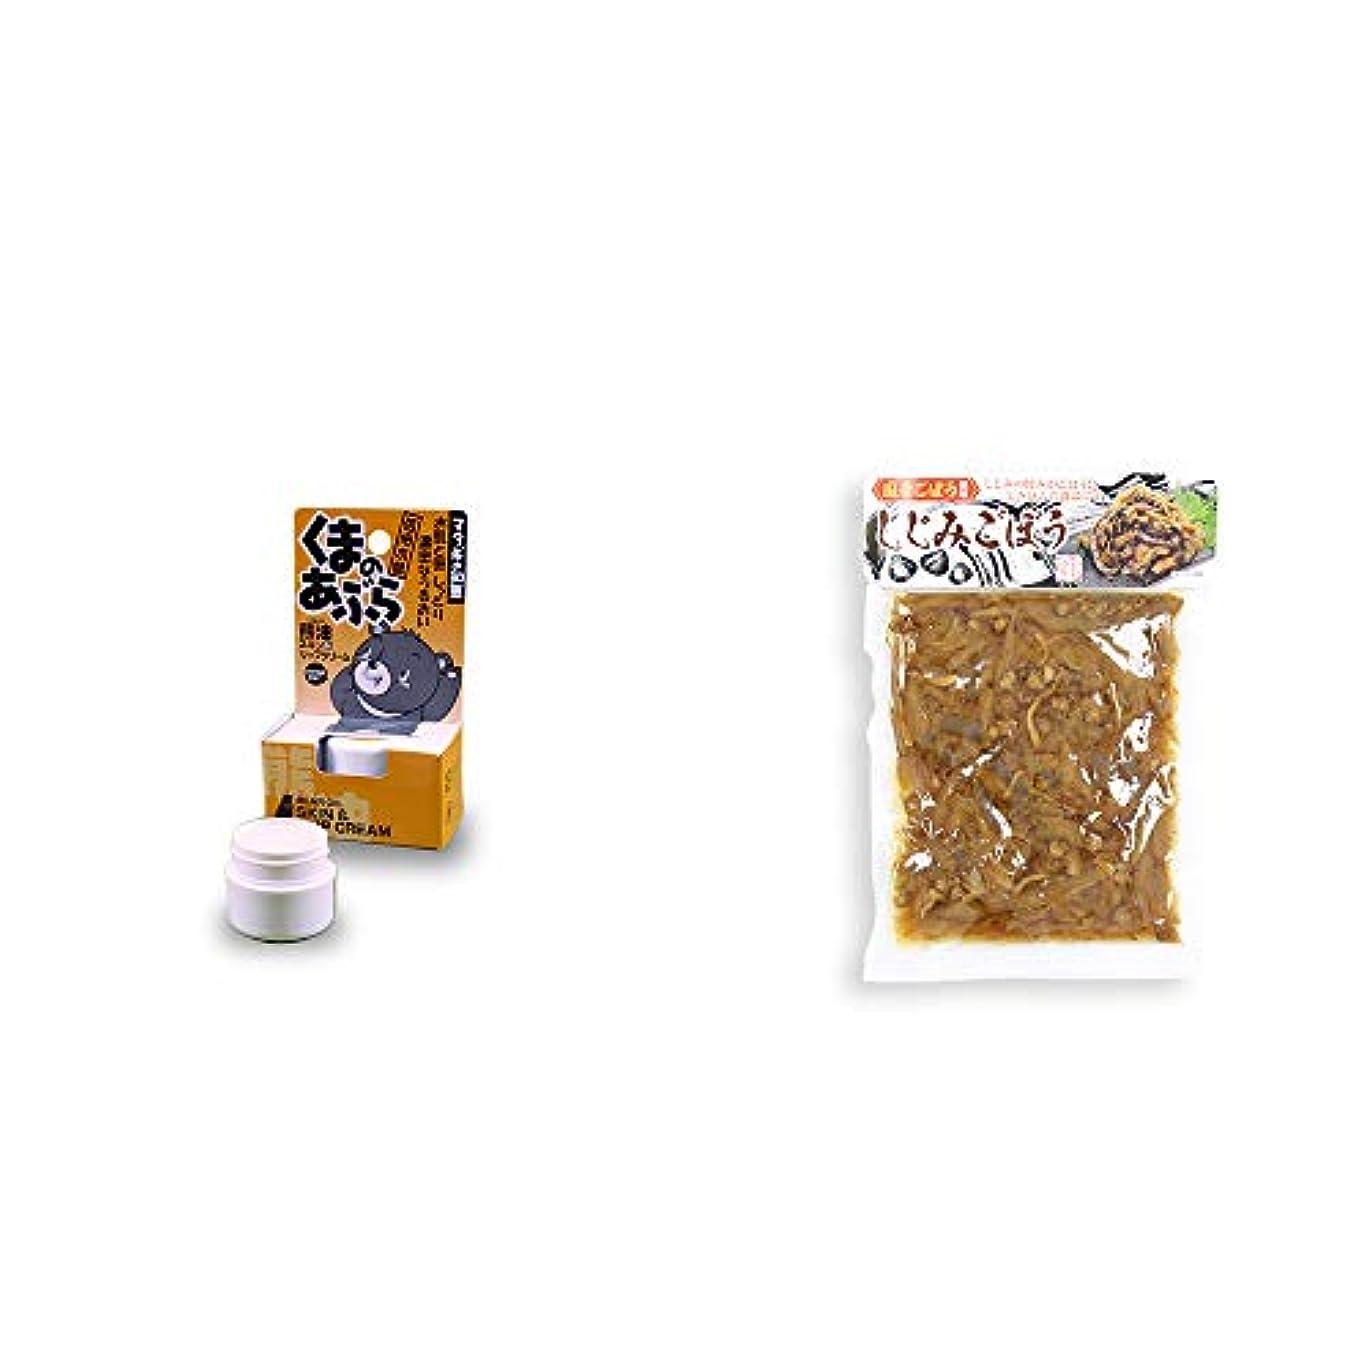 クレタ落胆させるパンサー[2点セット] 信州木曽 くまのあぶら 熊油スキン&リップクリーム(9g)?しじみごぼう(300g)